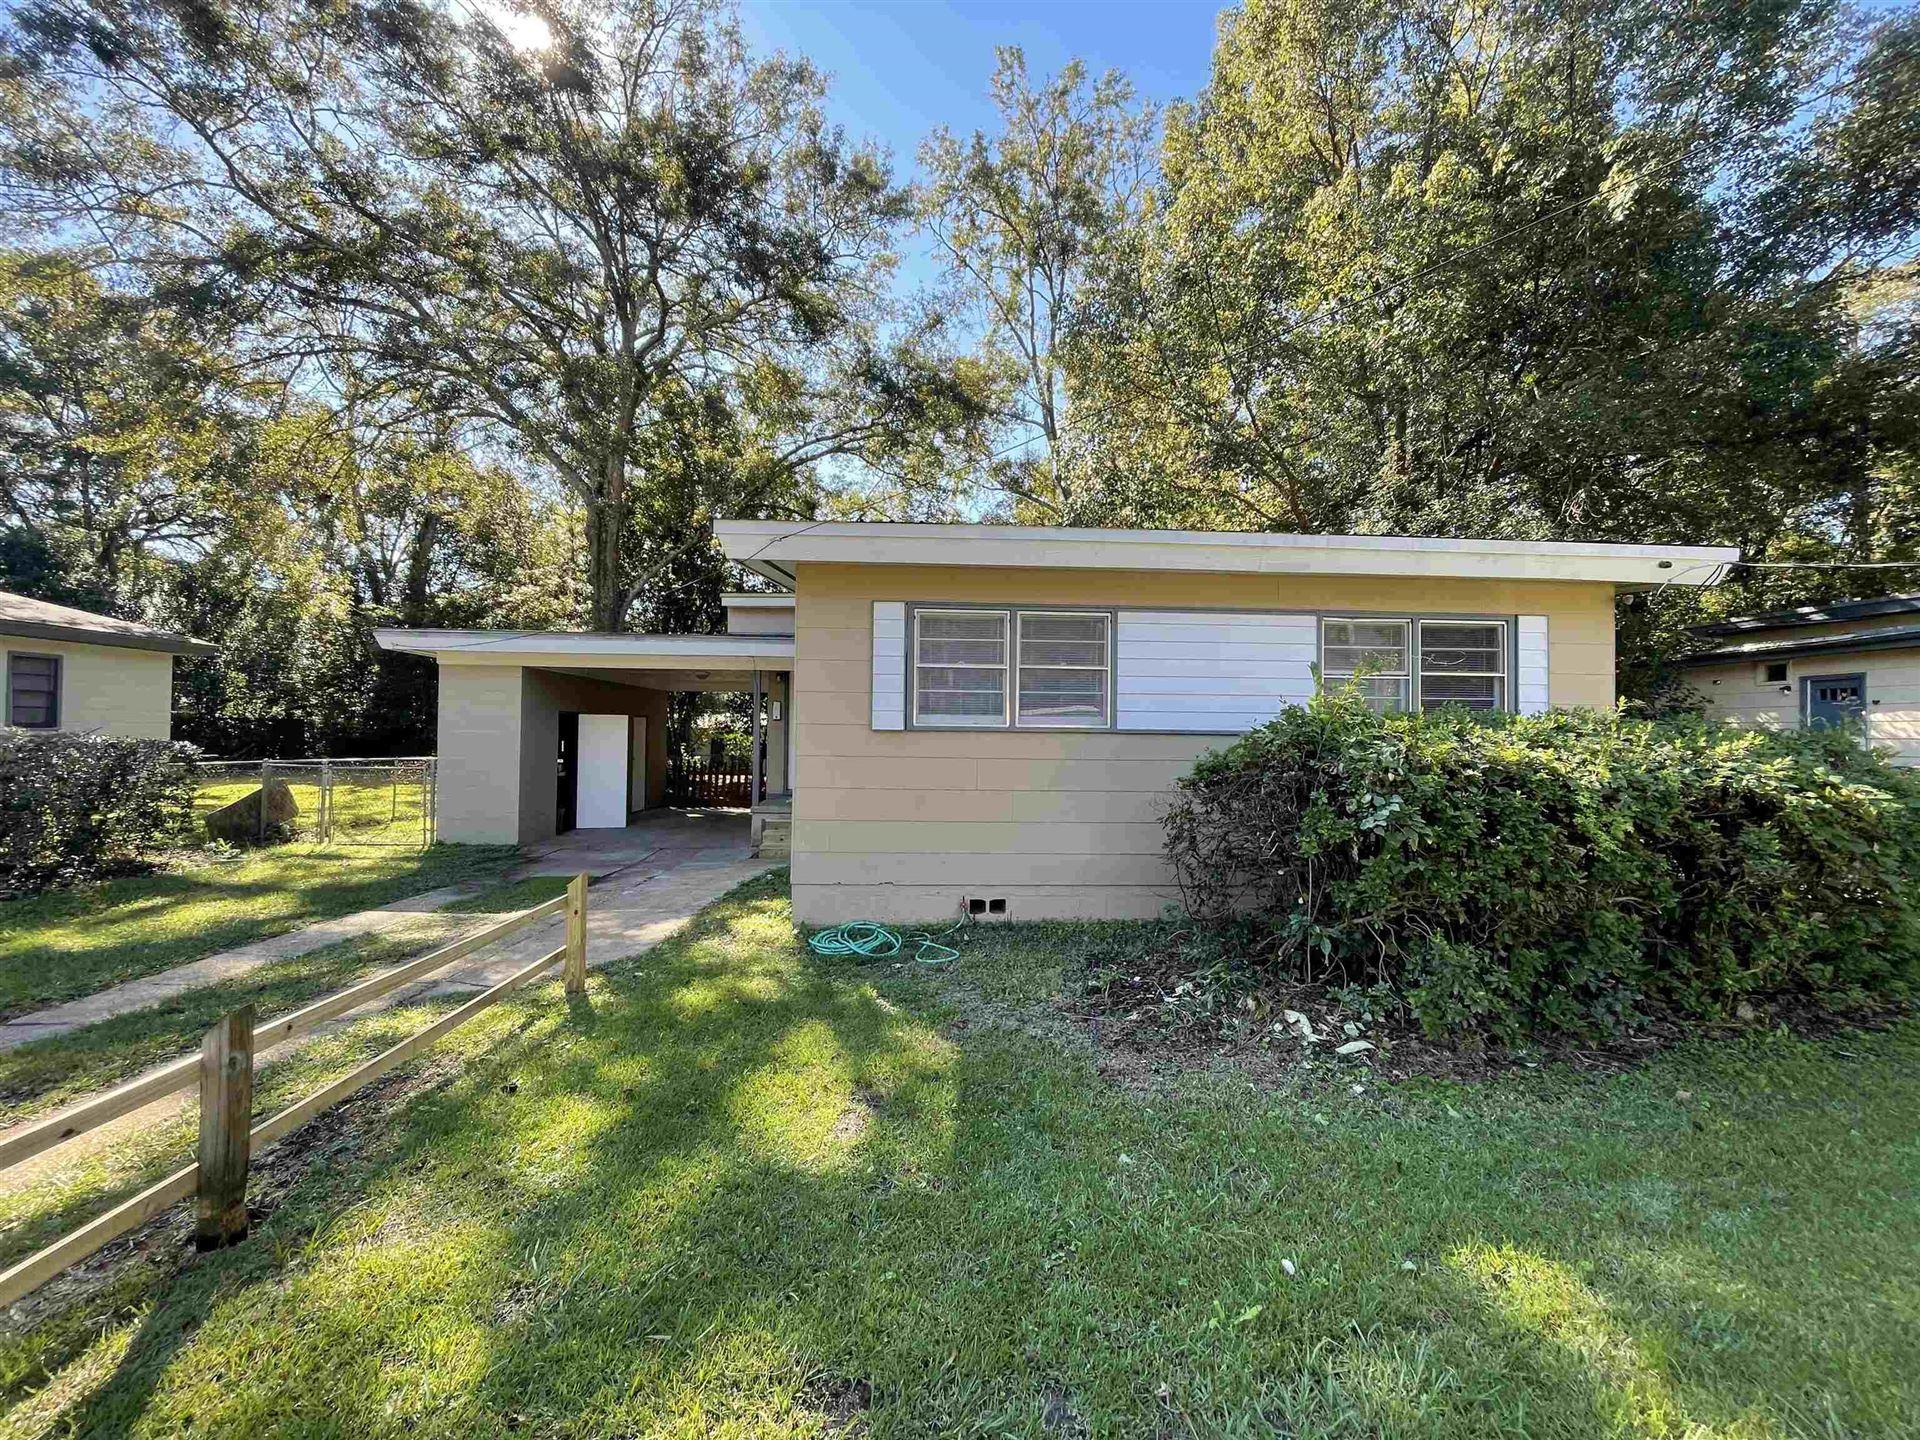 Photo of 1633 ATKAMIRE Drive, TALLAHASSEE, FL 32304 (MLS # 338827)